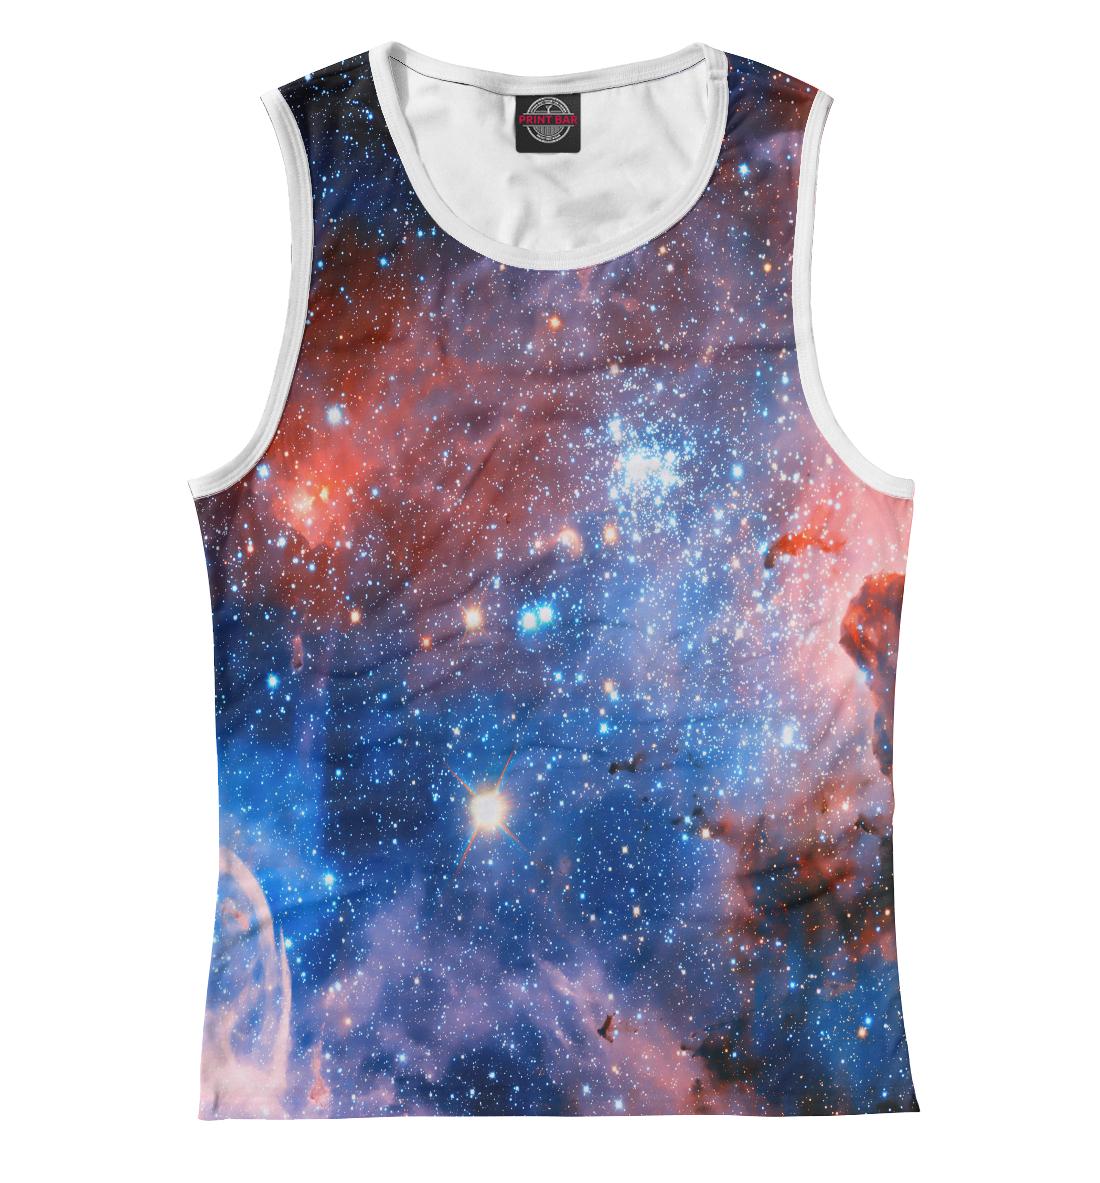 Купить Вселенная, Printbar, Майки, SPA-628619-may-1